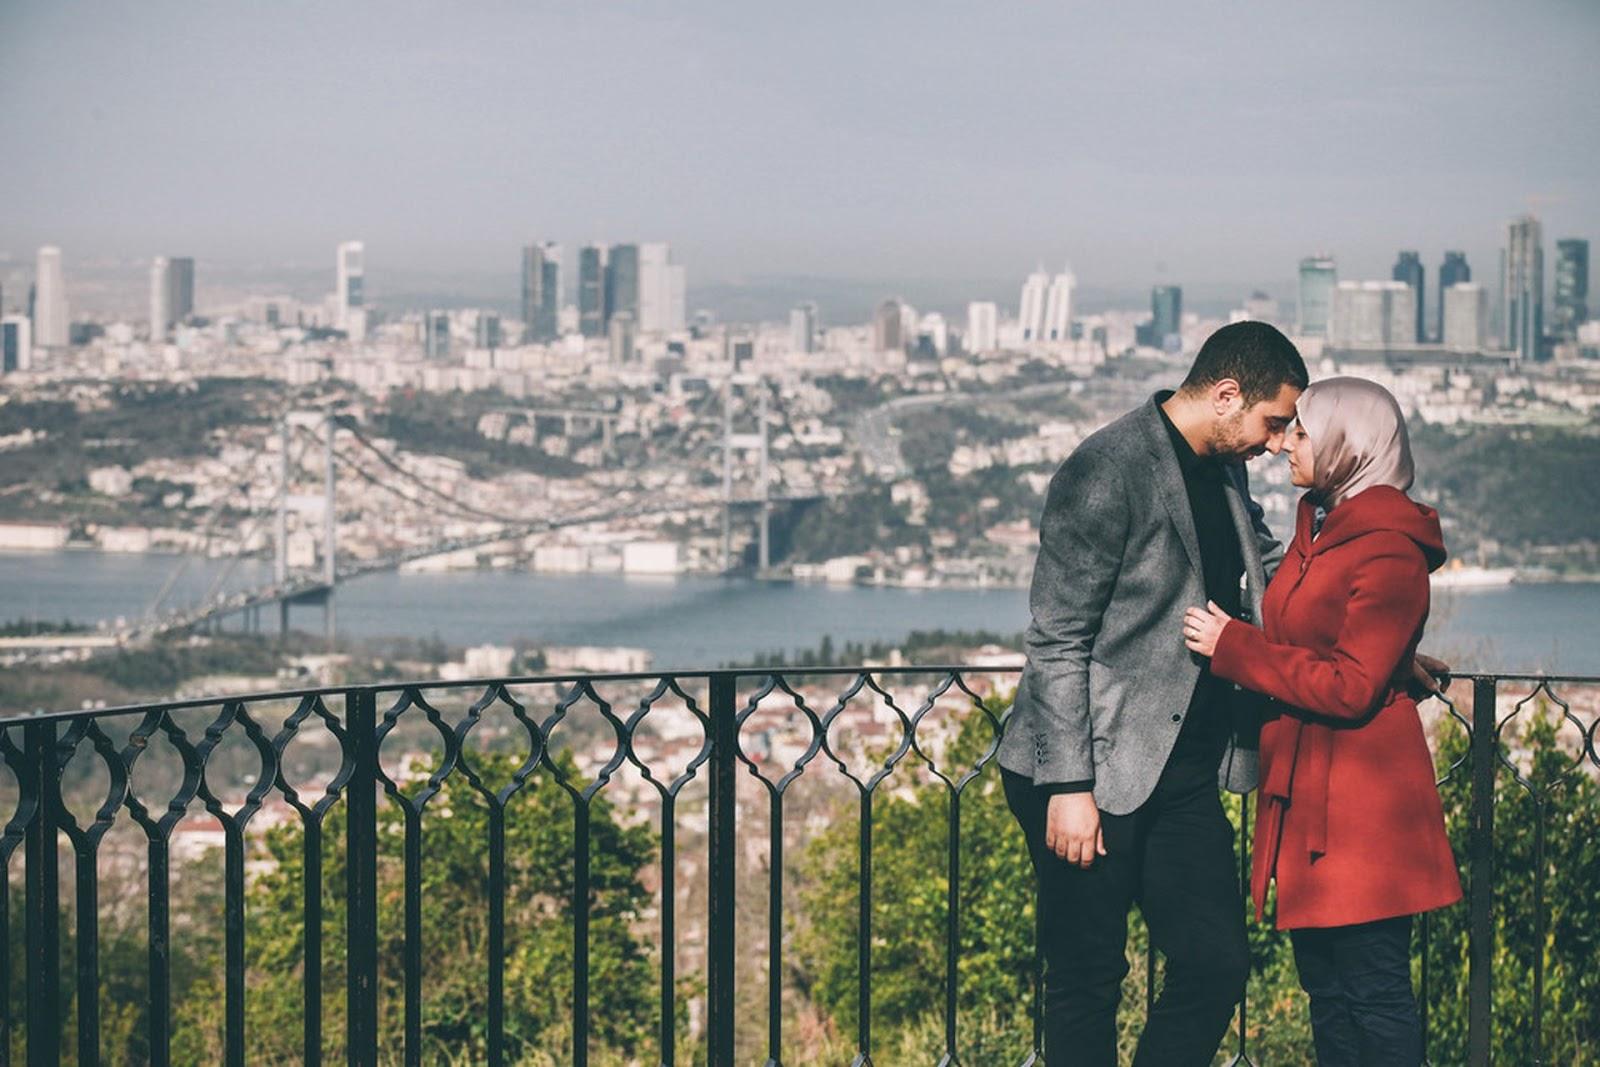 برنامج شهر عسل في تركيا 14 يوم